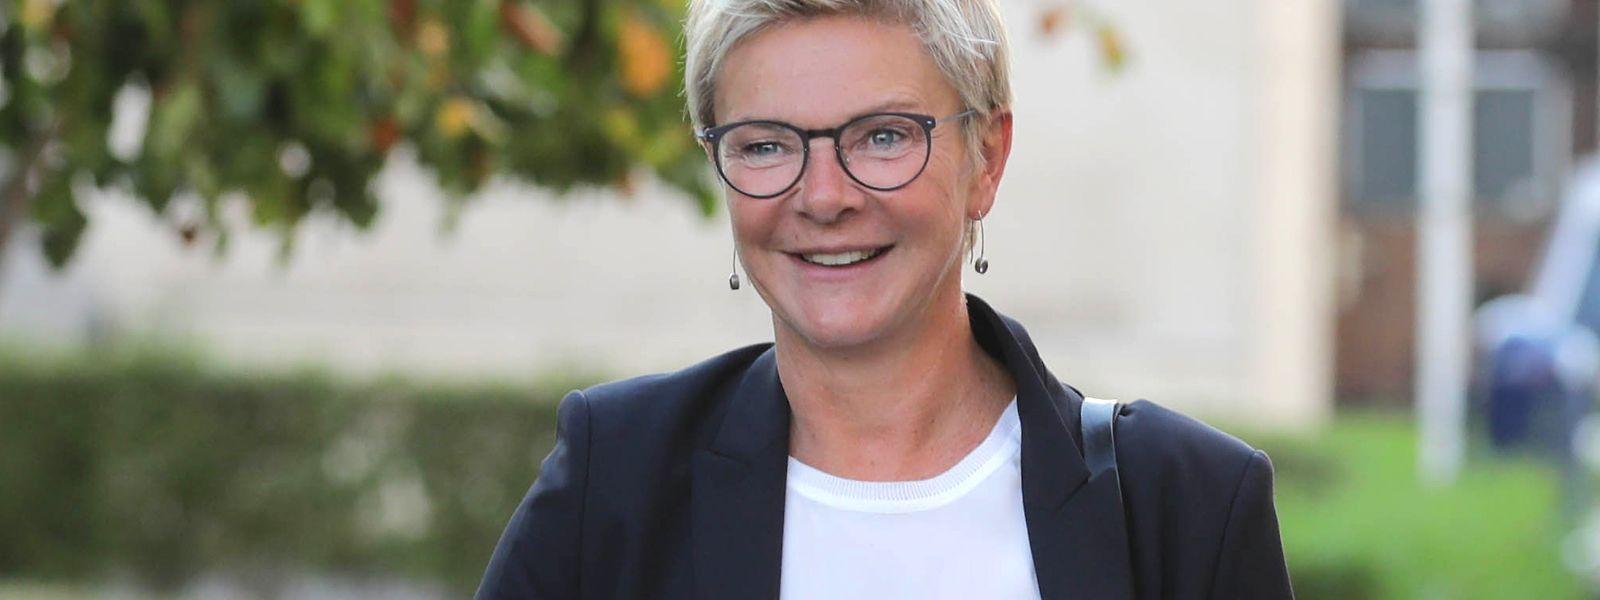 Martine Hansen hat bei den diesjährigen Parlamentswahlen ihren Stimmenanteil von 2013 quasi verdoppelt.